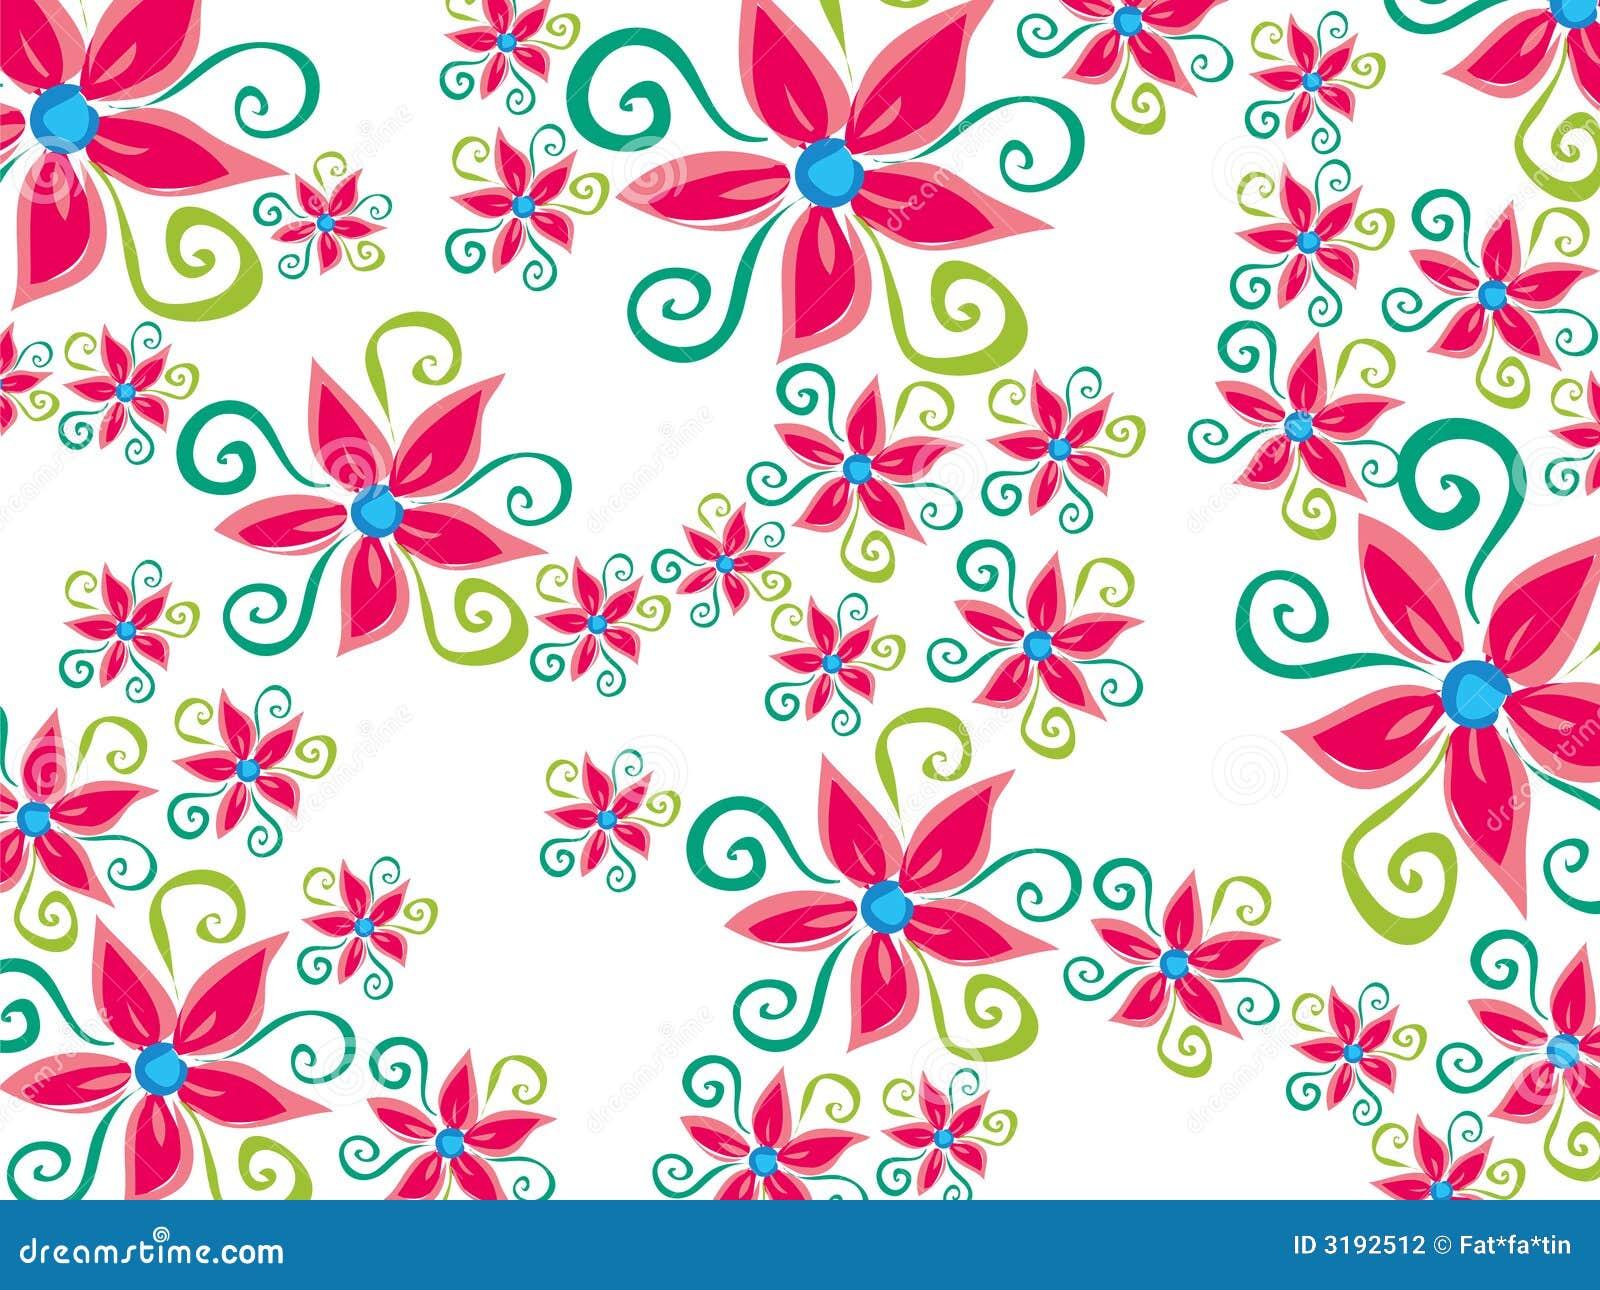 雏菊花质朴时髦